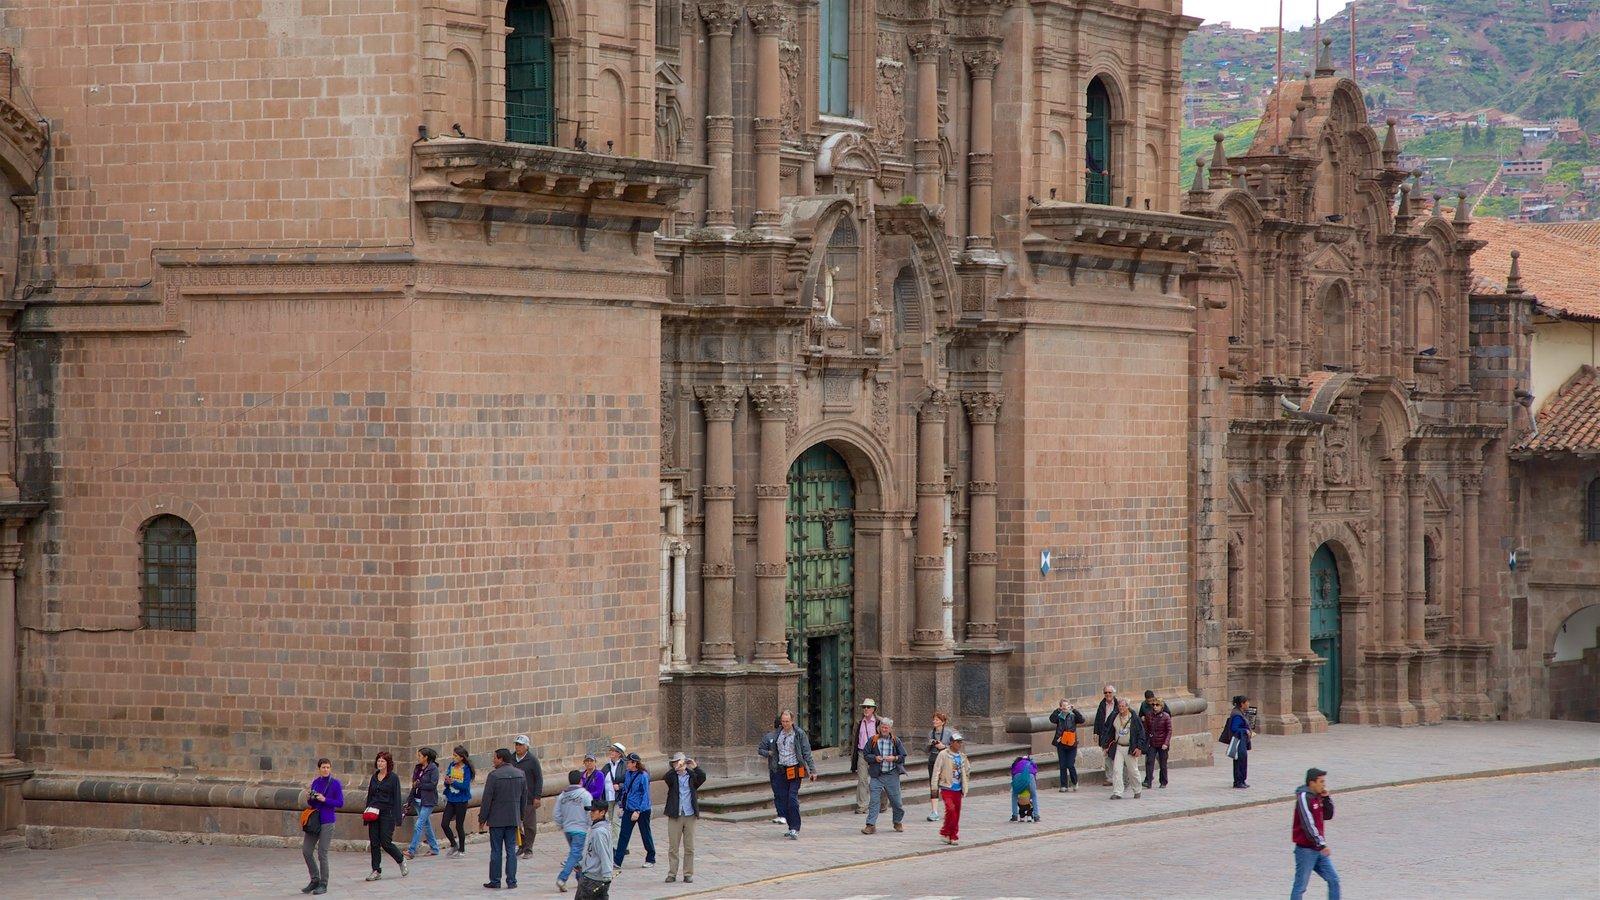 Plaza de Armas mostrando arquitetura de patrimônio